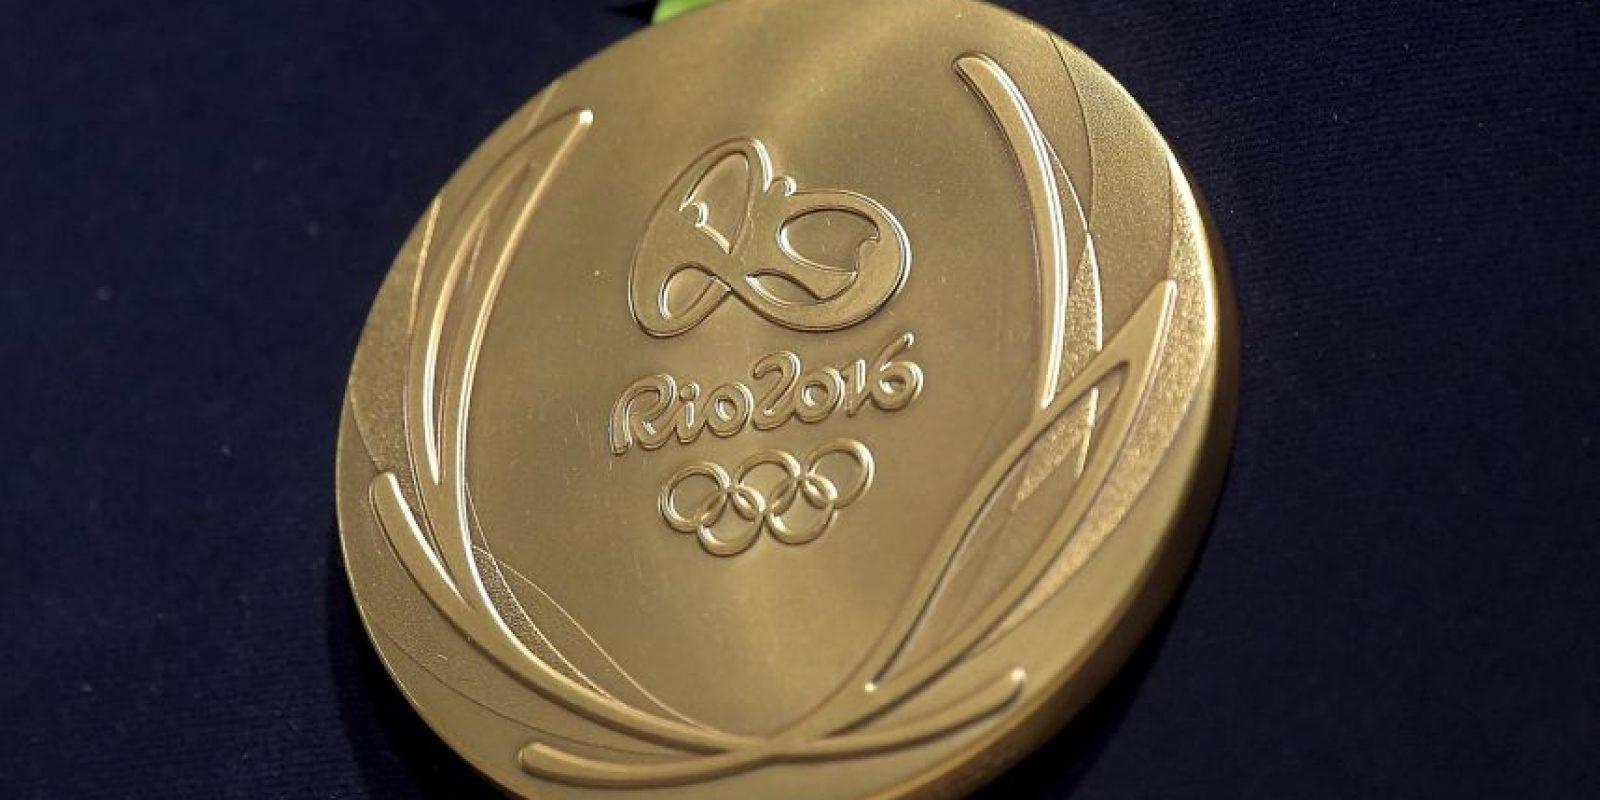 os metales fundidos de una medalla de oro tiene un valor de 587 dólares Foto:Getty Images